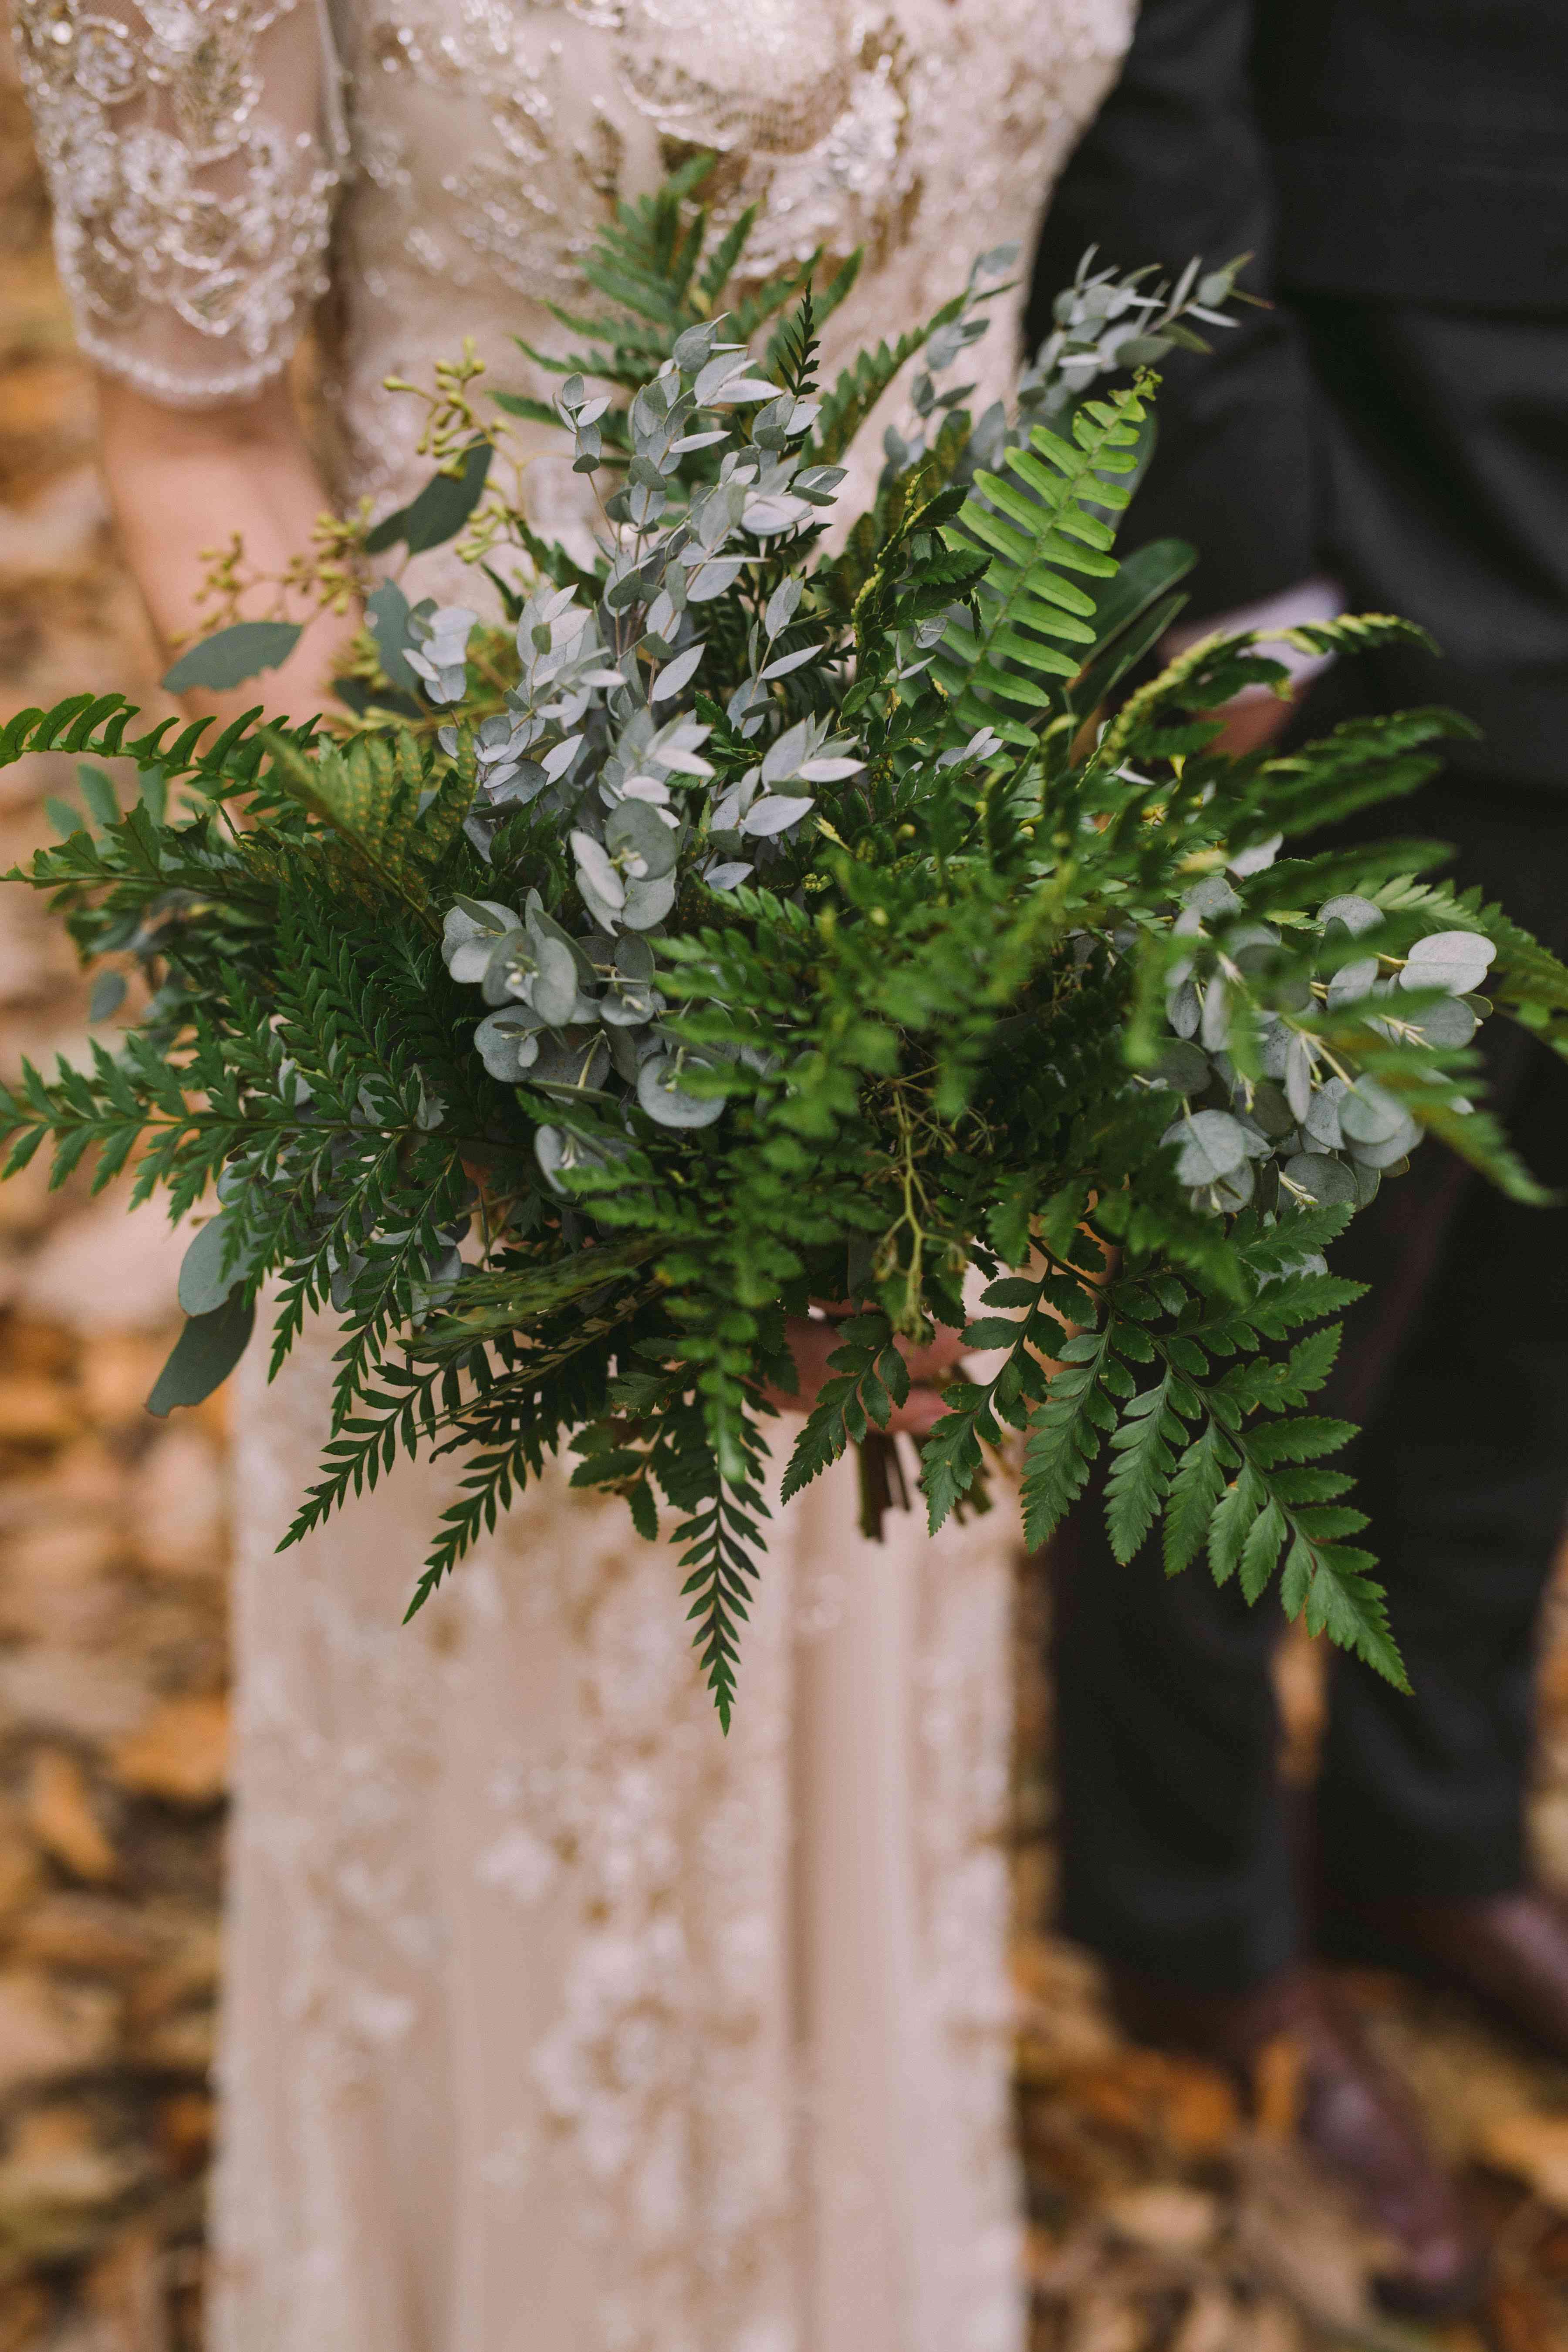 bouquet of ferns